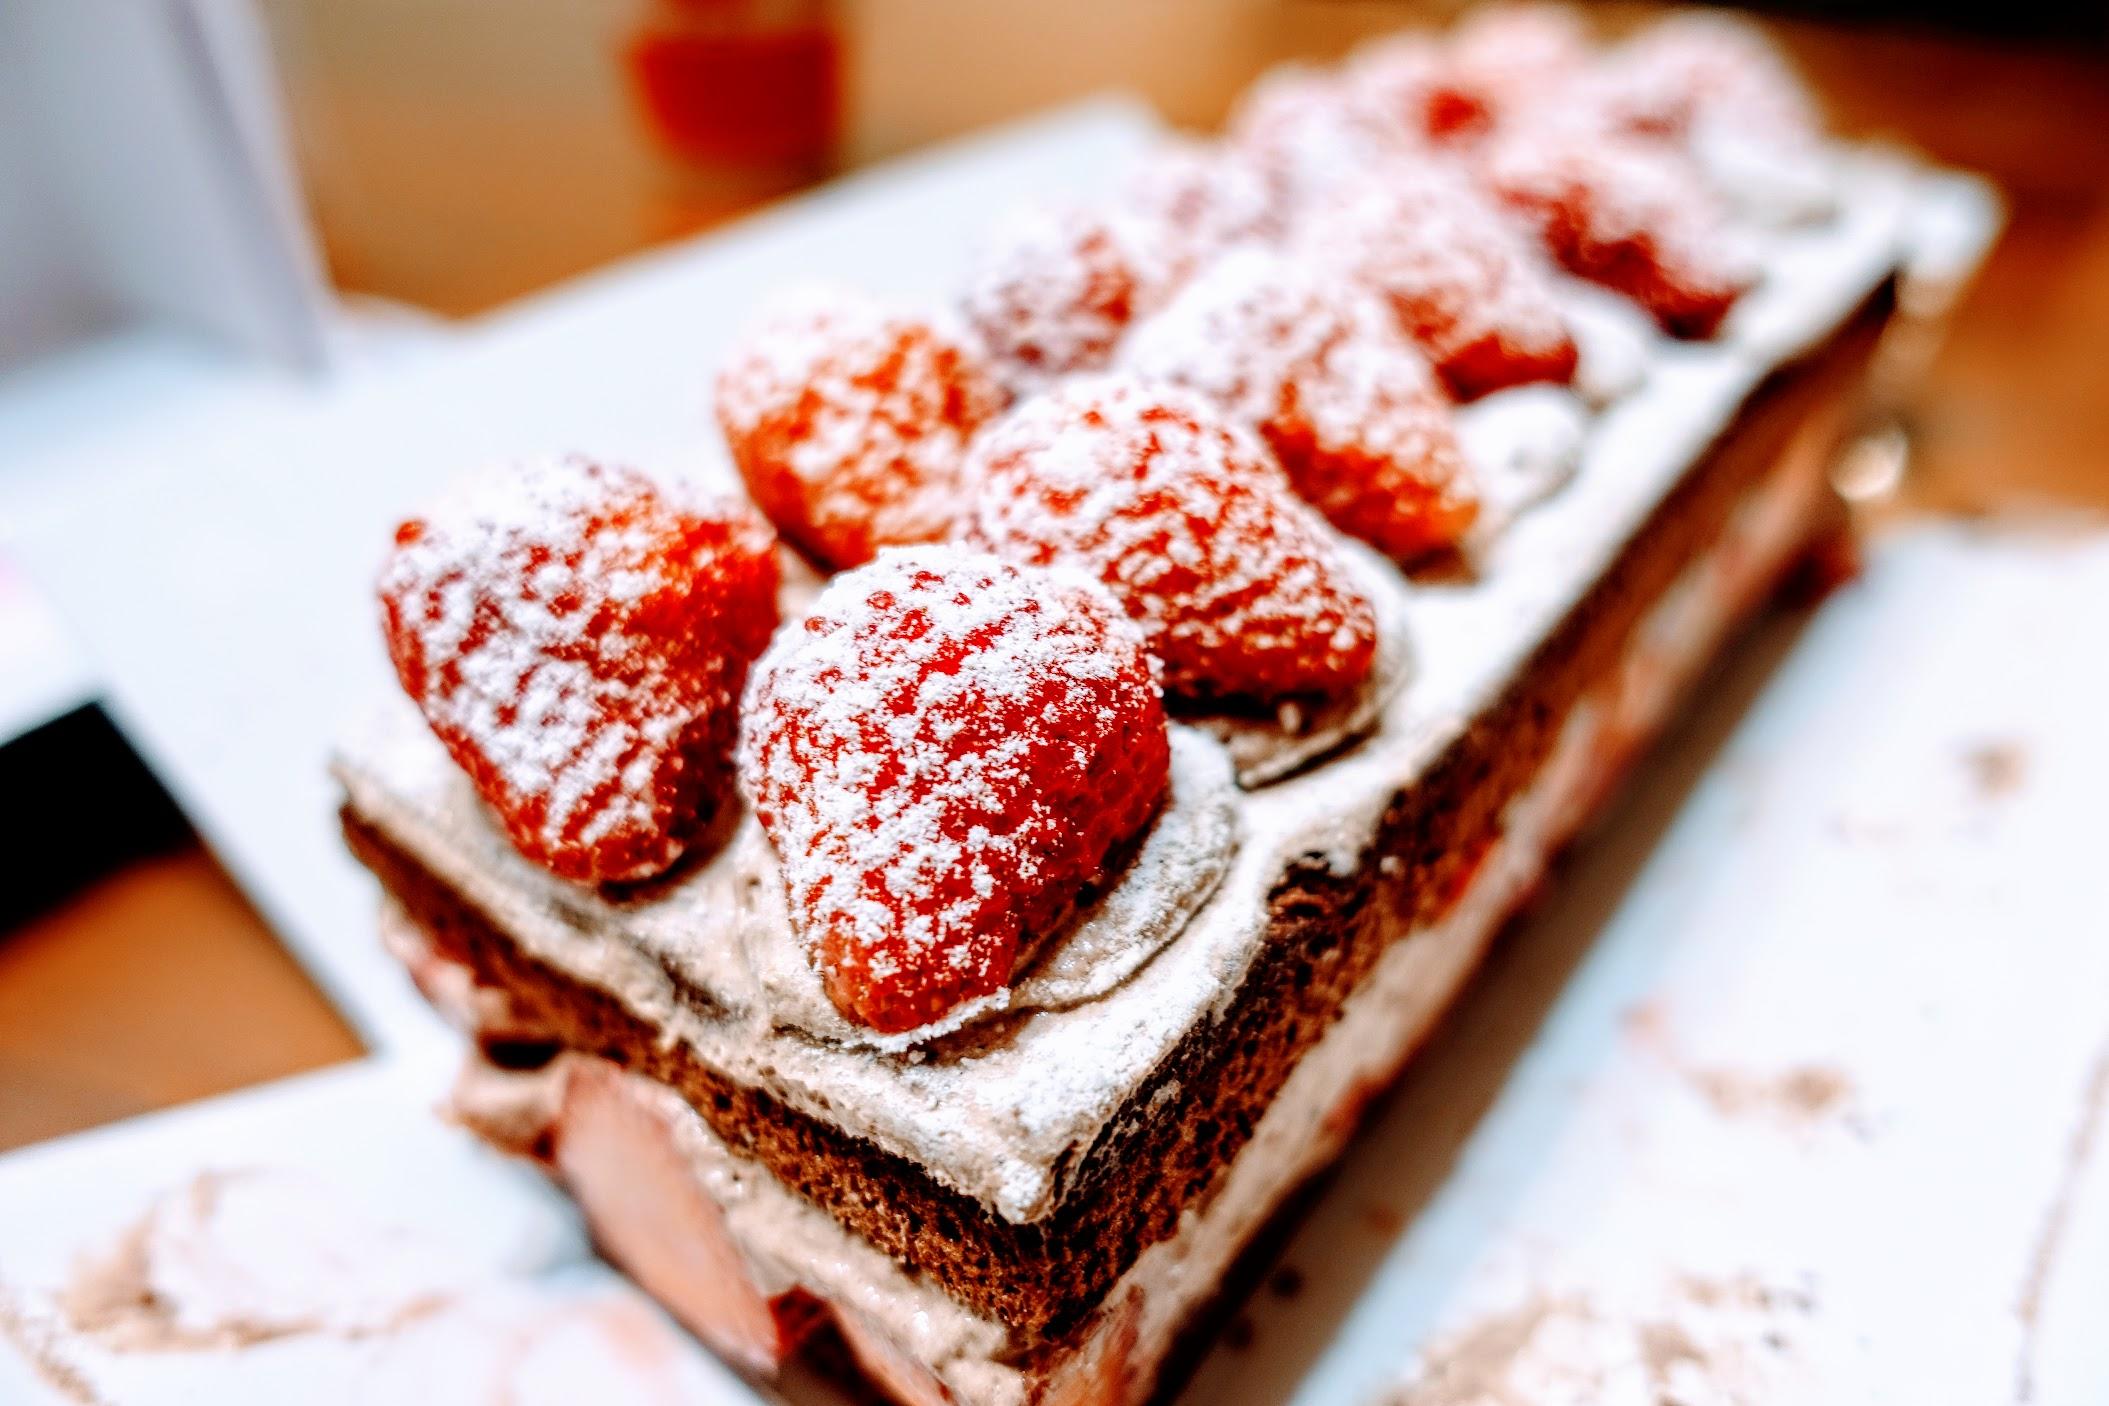 說真的,草莓才是本體,草莓選得還不錯,有甜又好吃....蛋糕相比起來,蛋糕只是個裝飾XDD